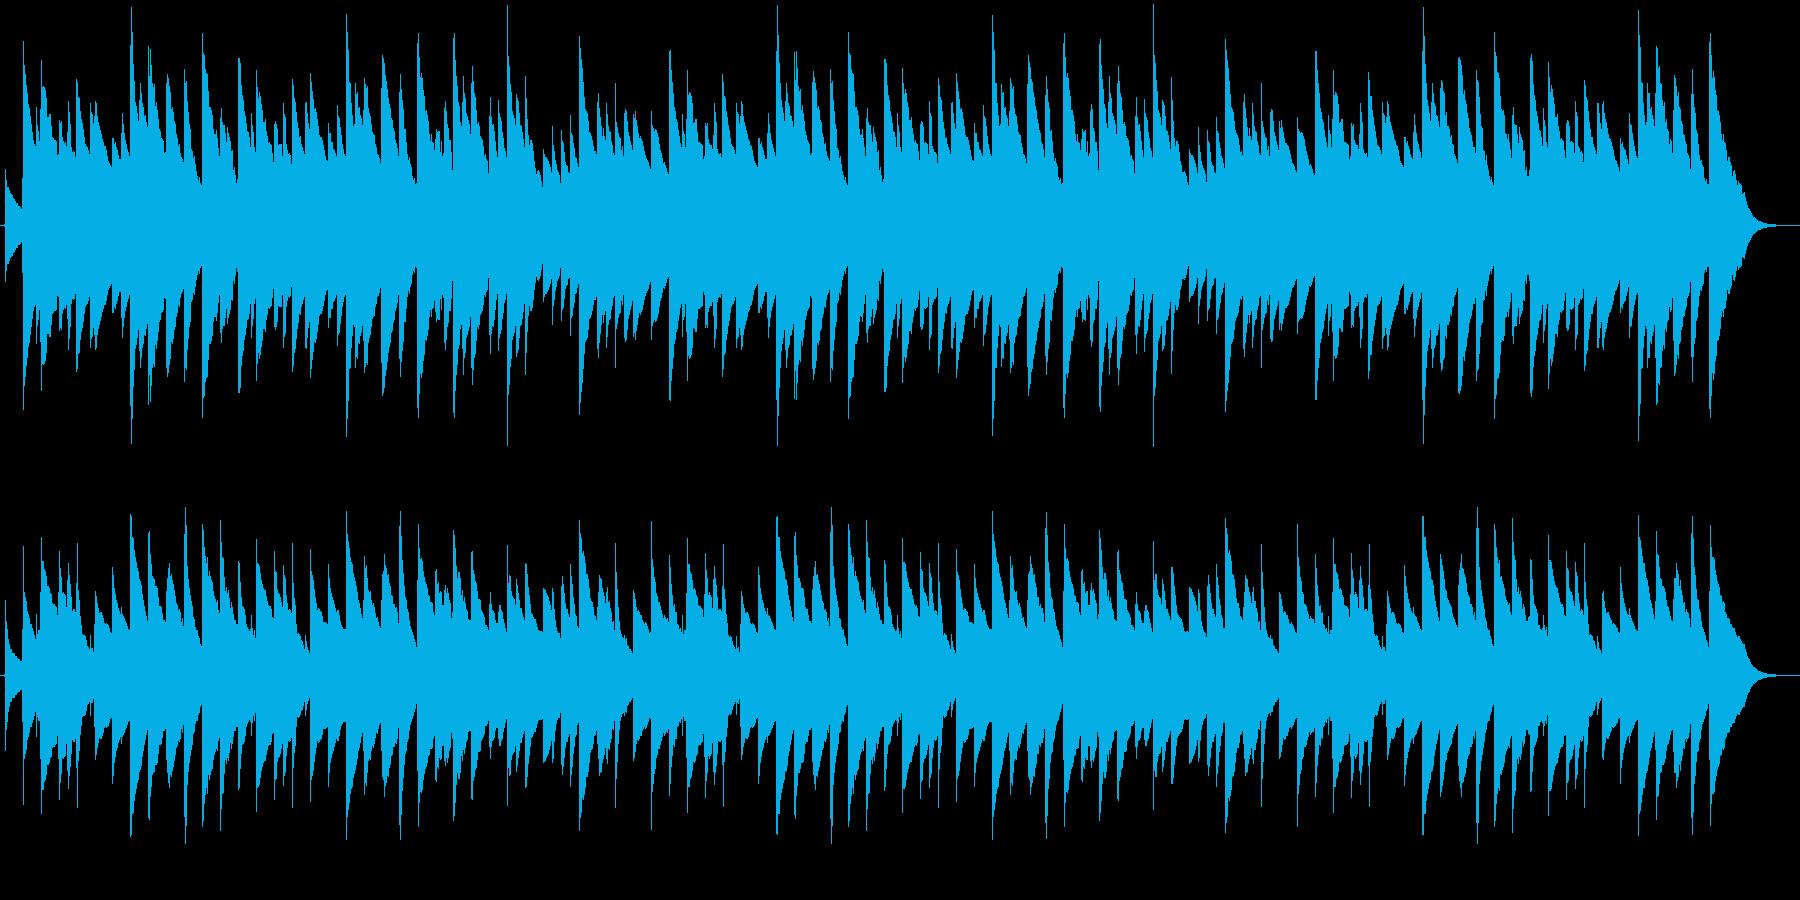 「もみの木」のオルゴールバージョンの再生済みの波形